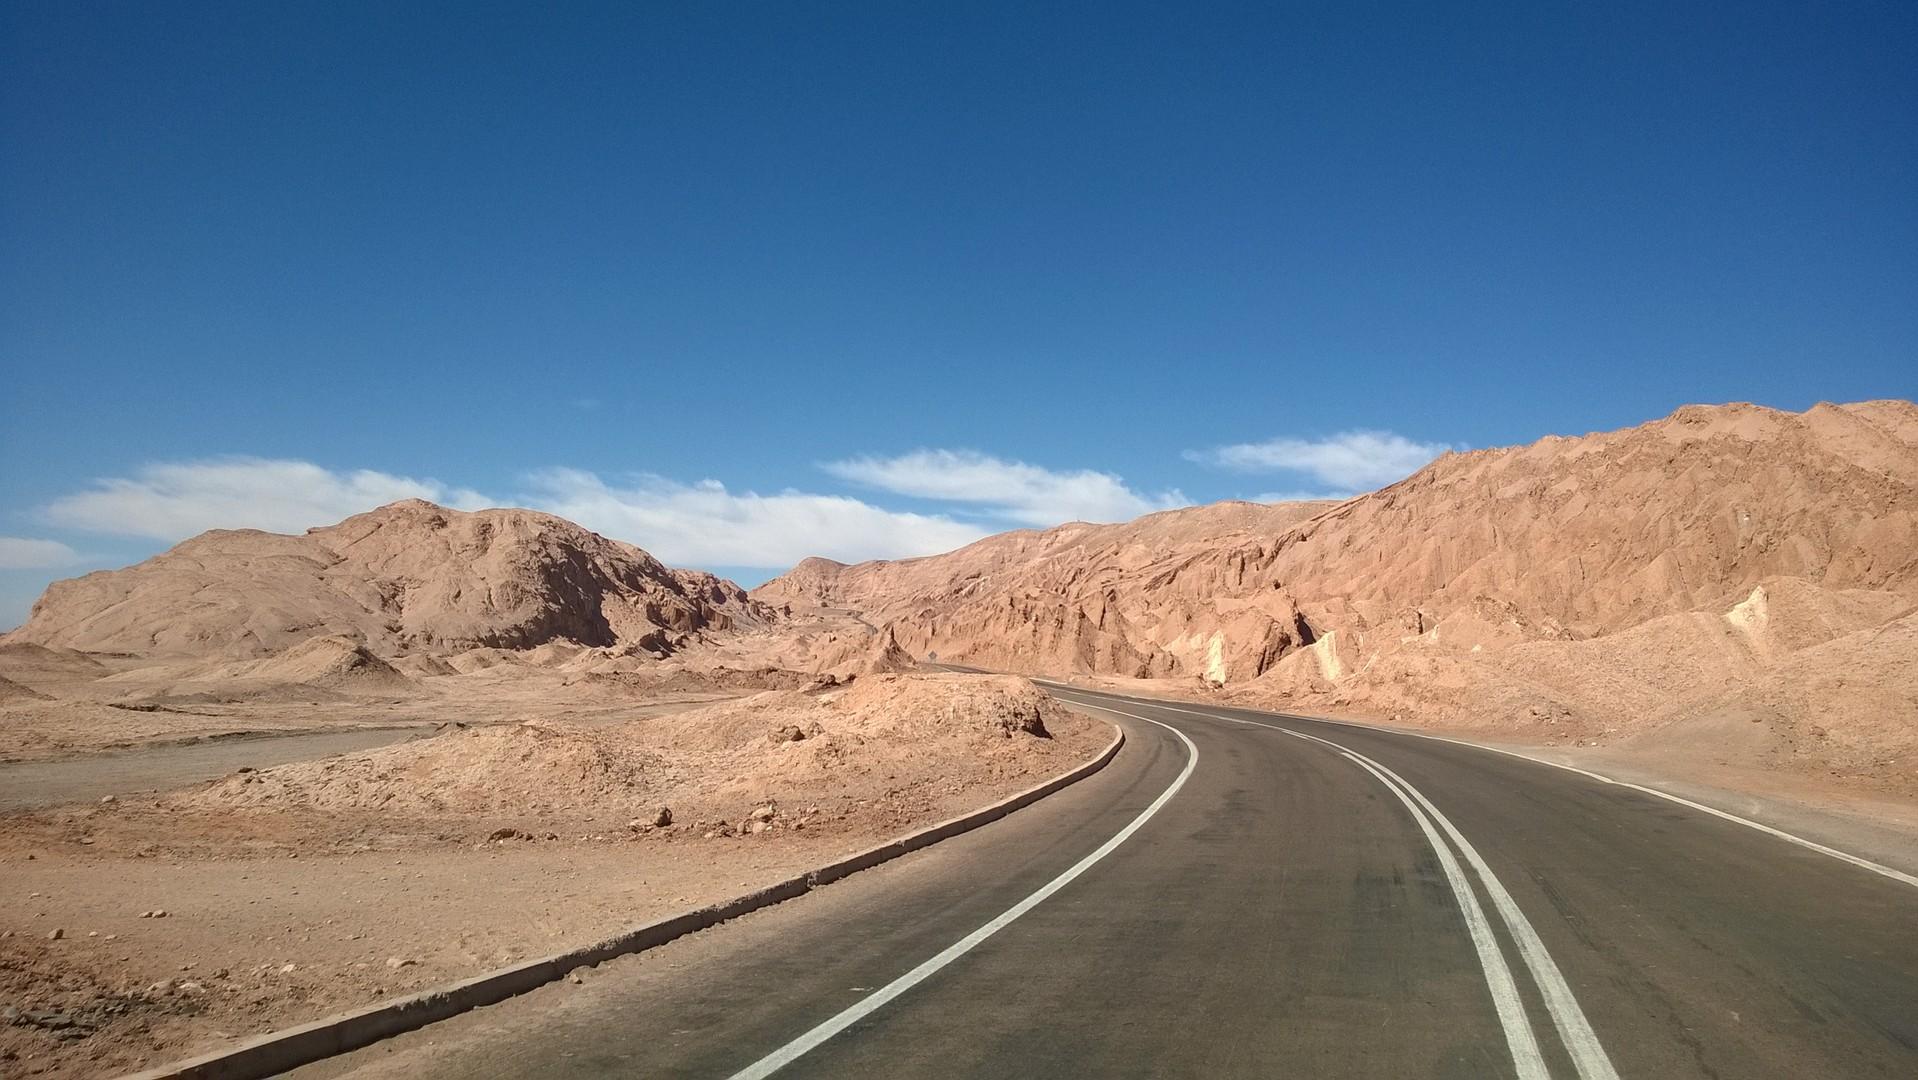 Strasse durch die Wüste